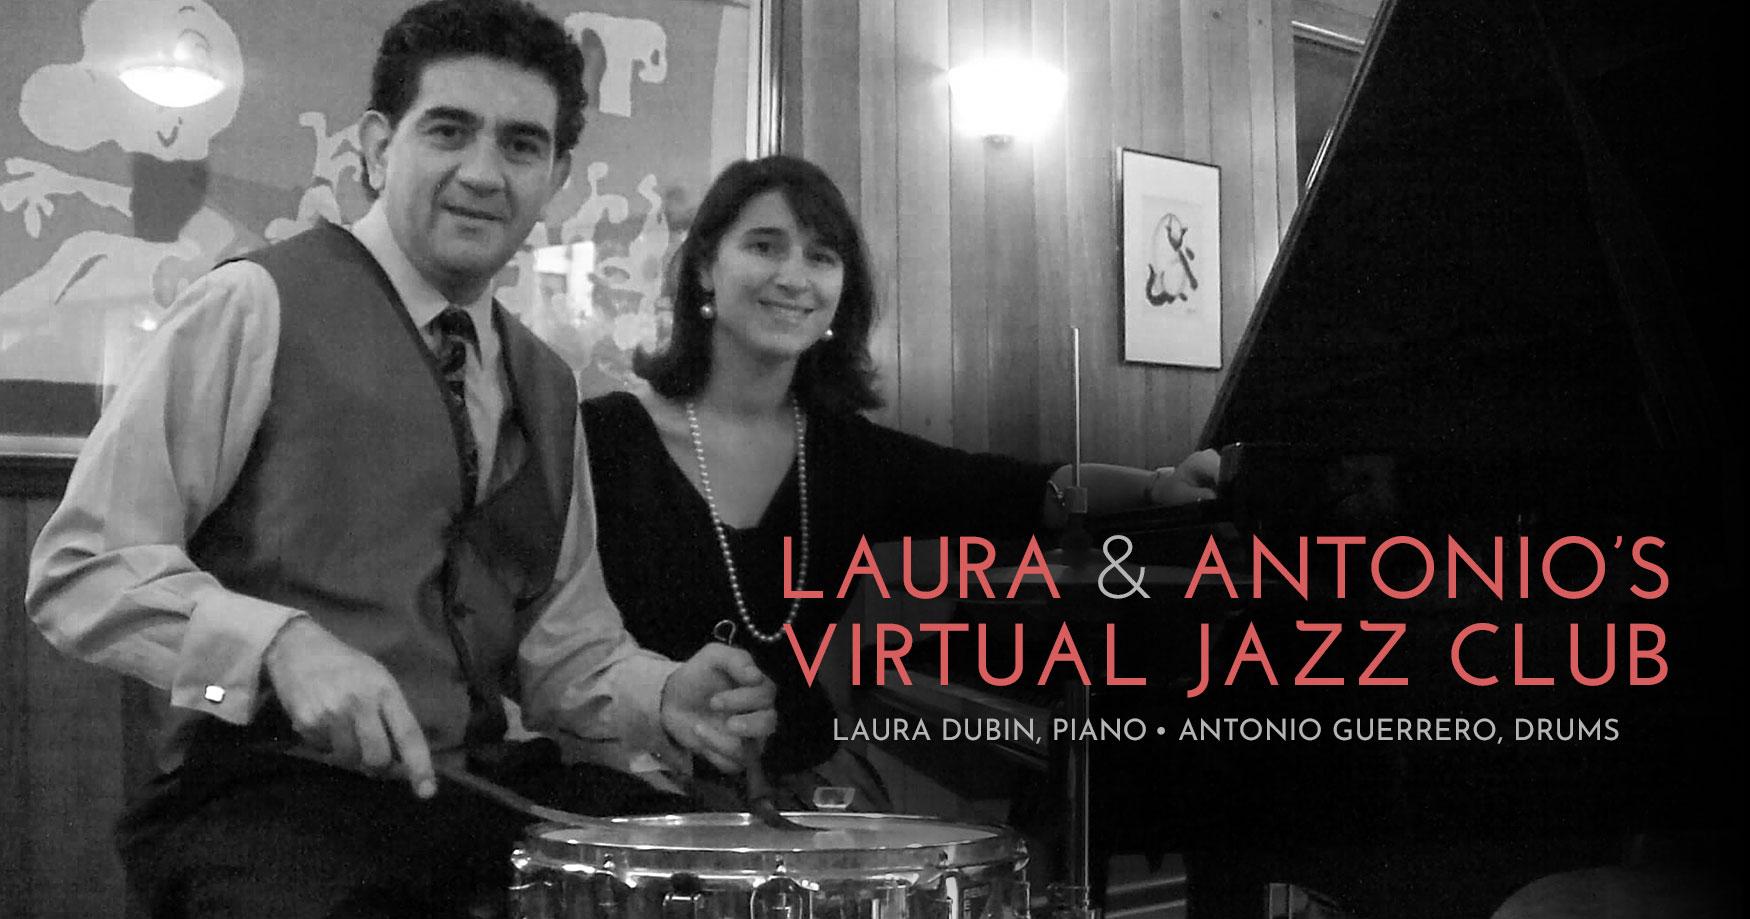 Laura & Antonio's Virtual Jazz Club